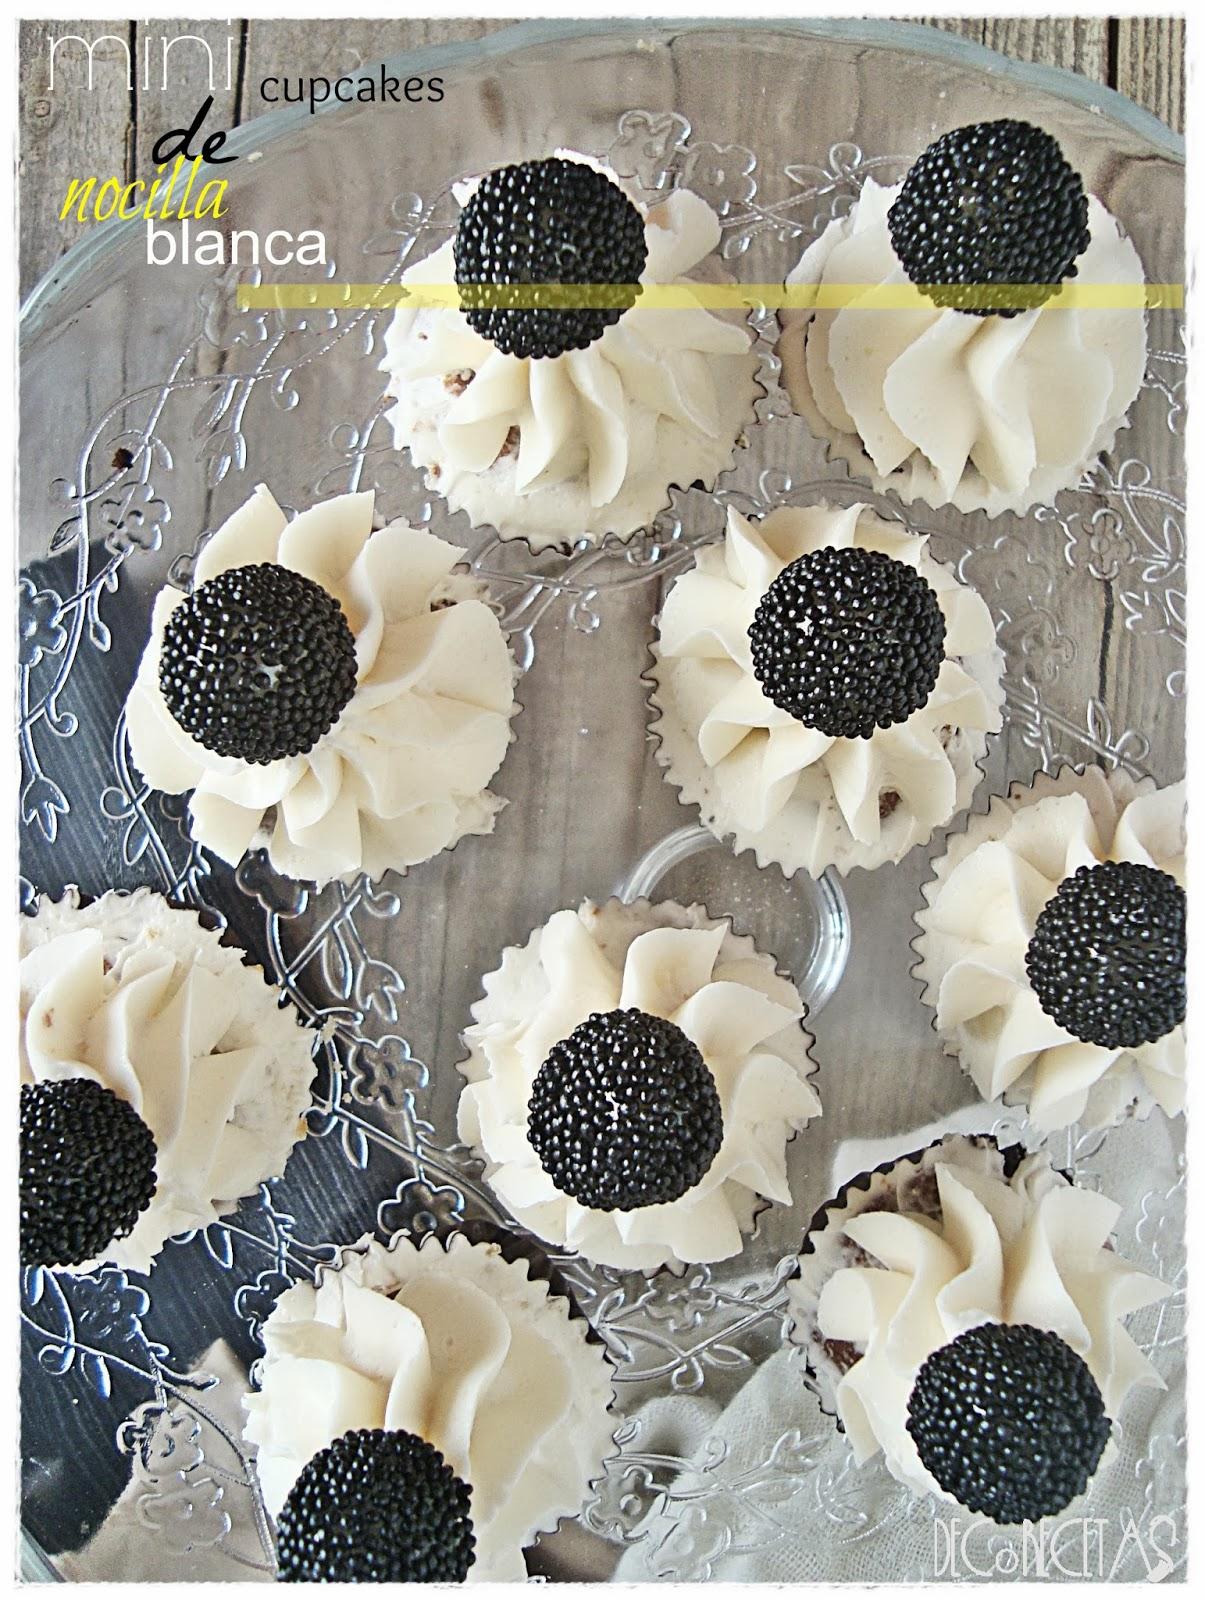 Mini-cupcakes de Nocilla blanca